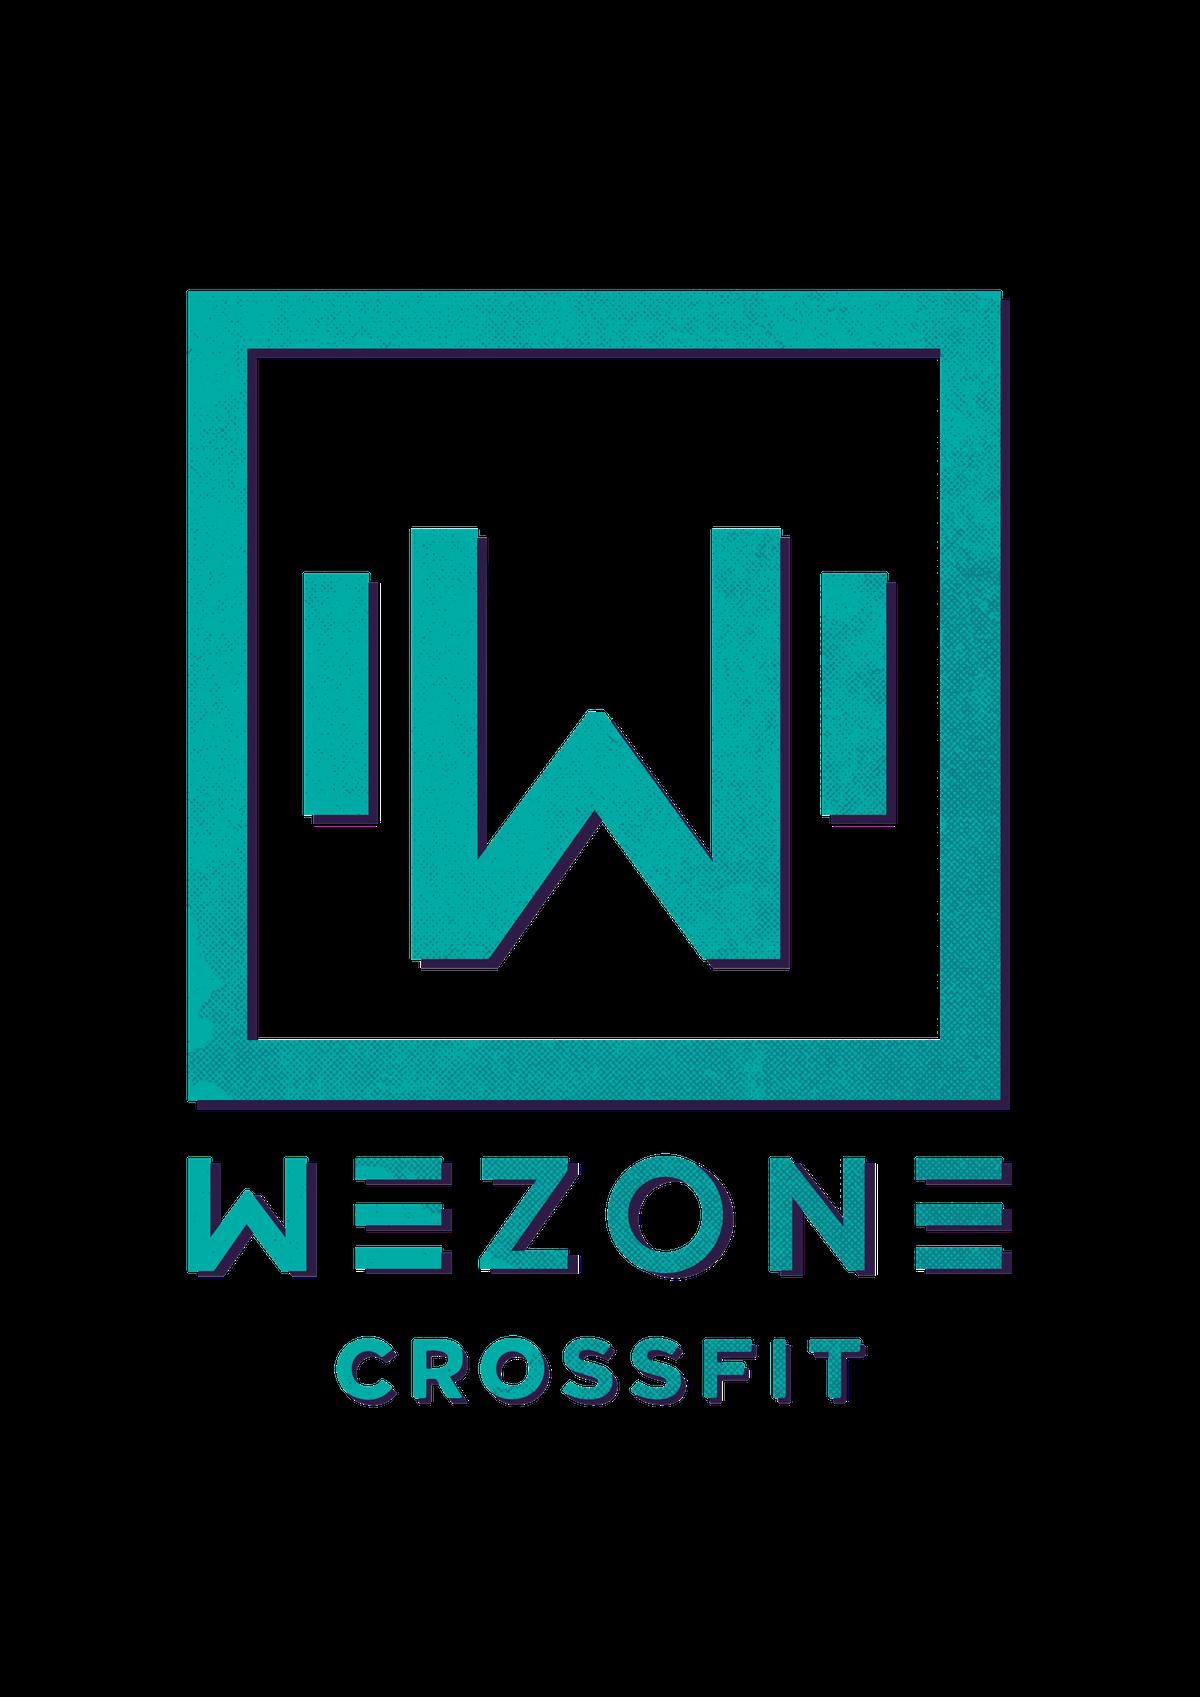 Camiseta para un box de CrossFit